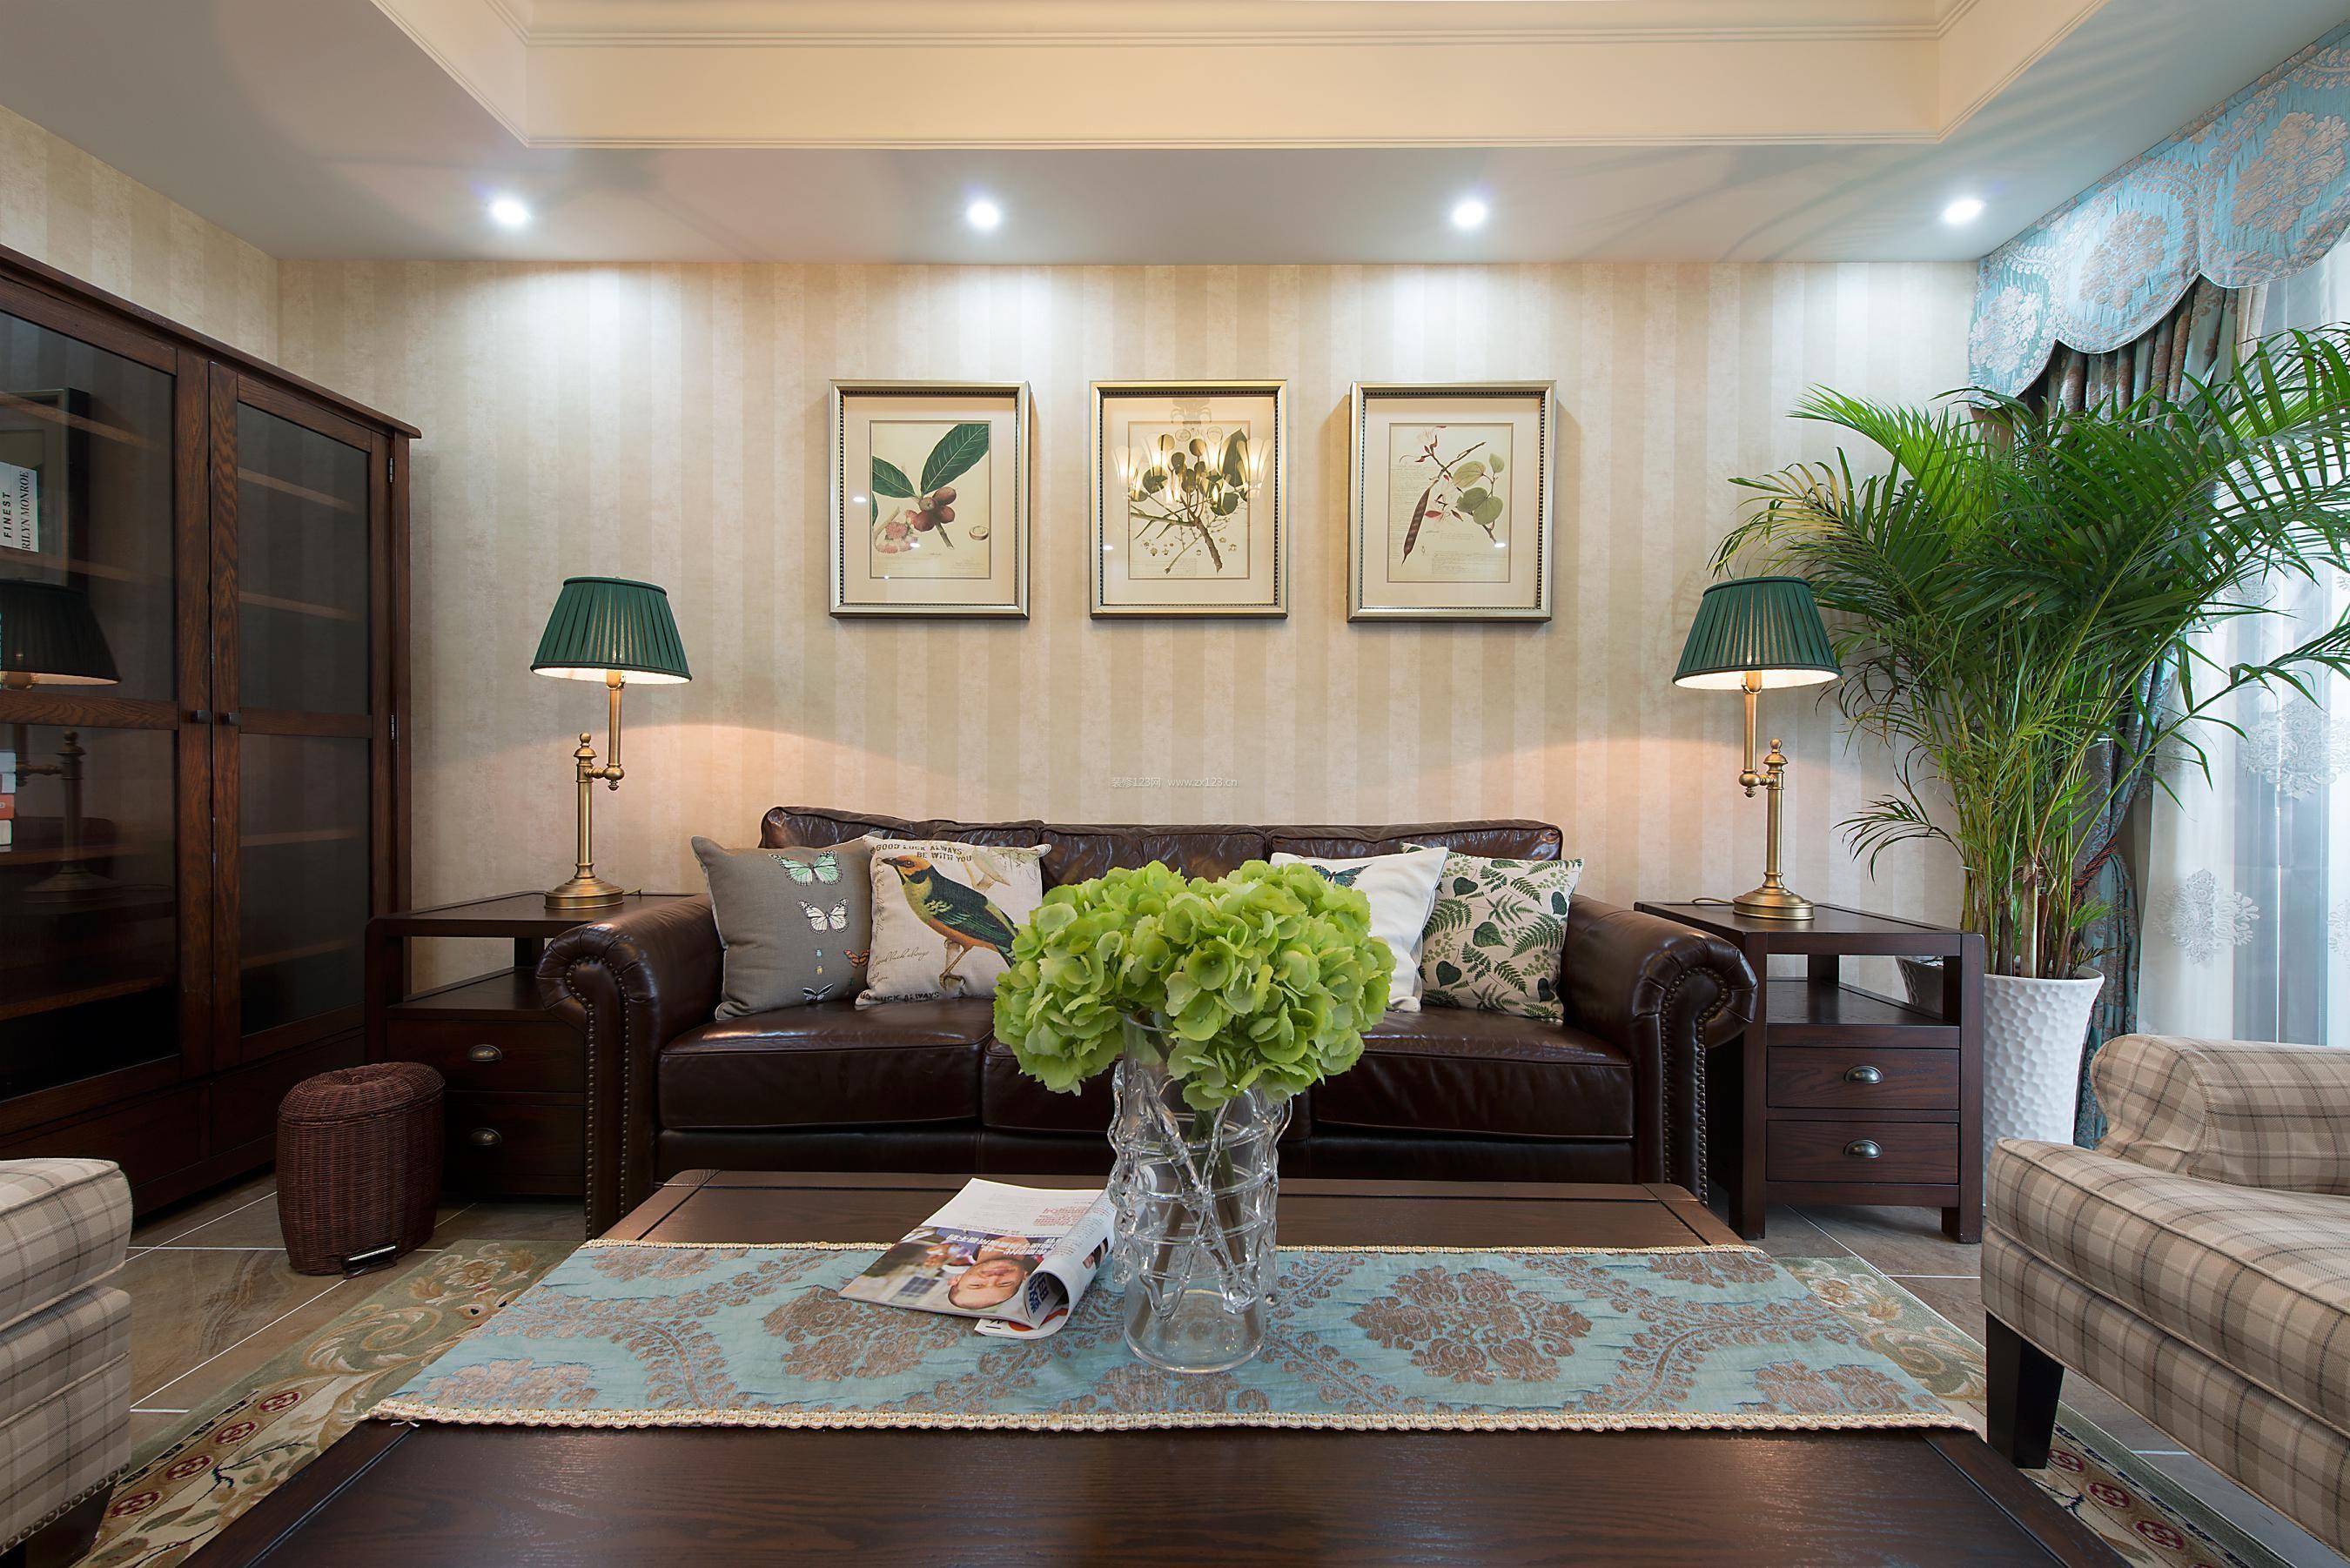 美式壁画沙发背景墙效果图图片